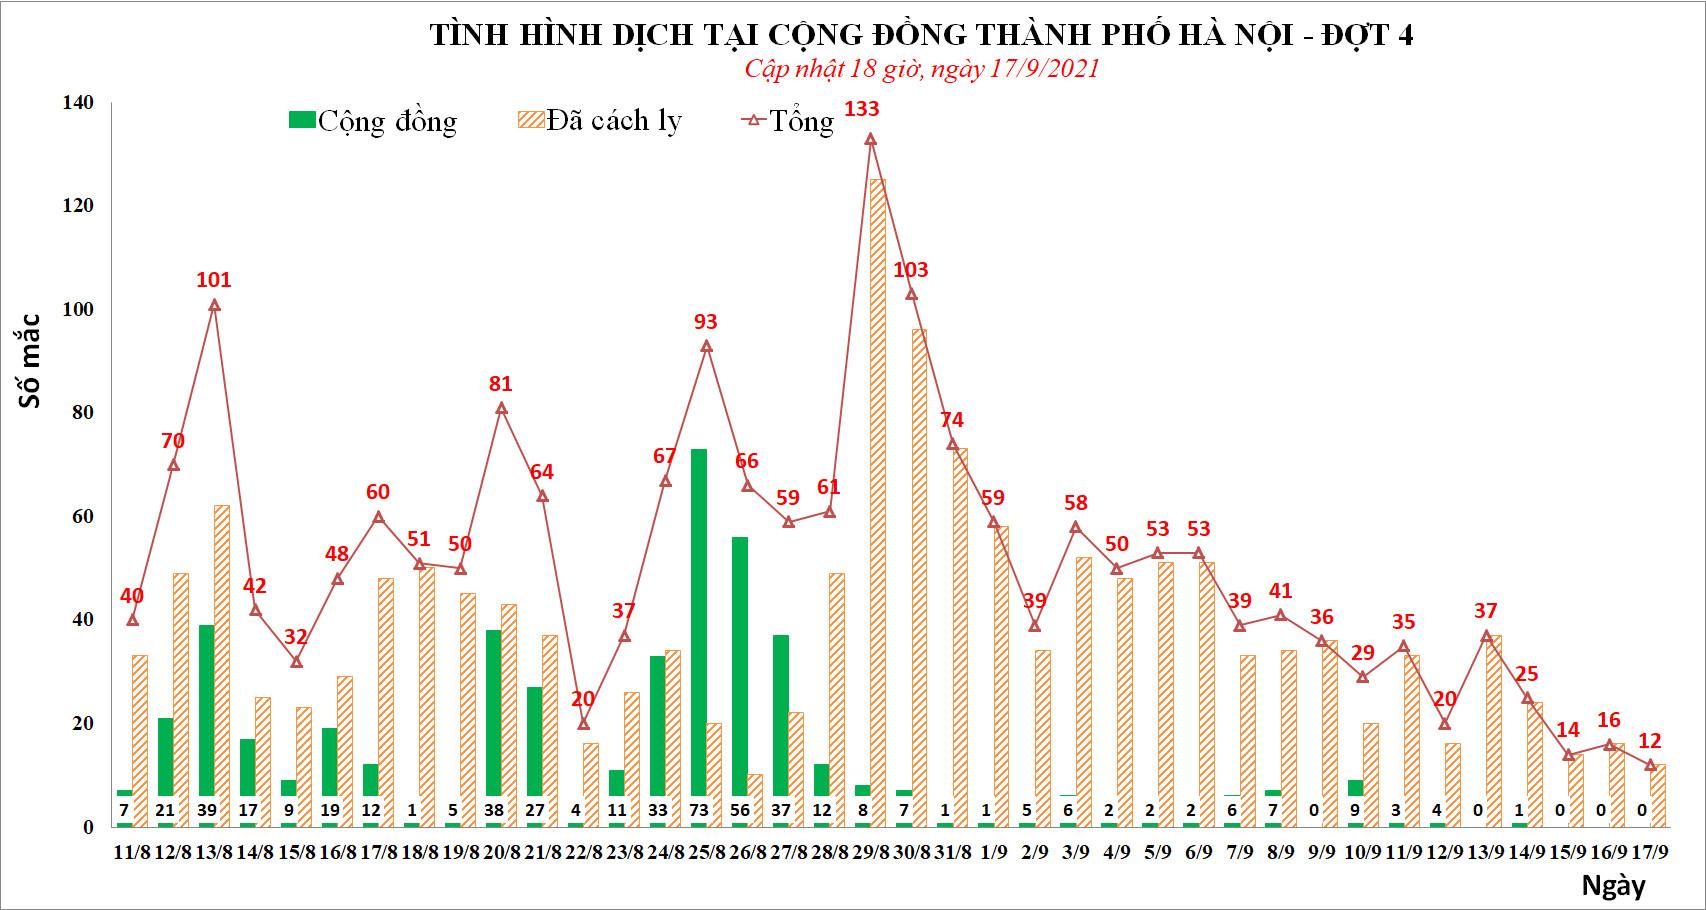 Ngày 17/9, Hà Nội phát hiện 12 ca mắc Covid-19, thấp nhất trong 2 tháng qua - Ảnh 1.